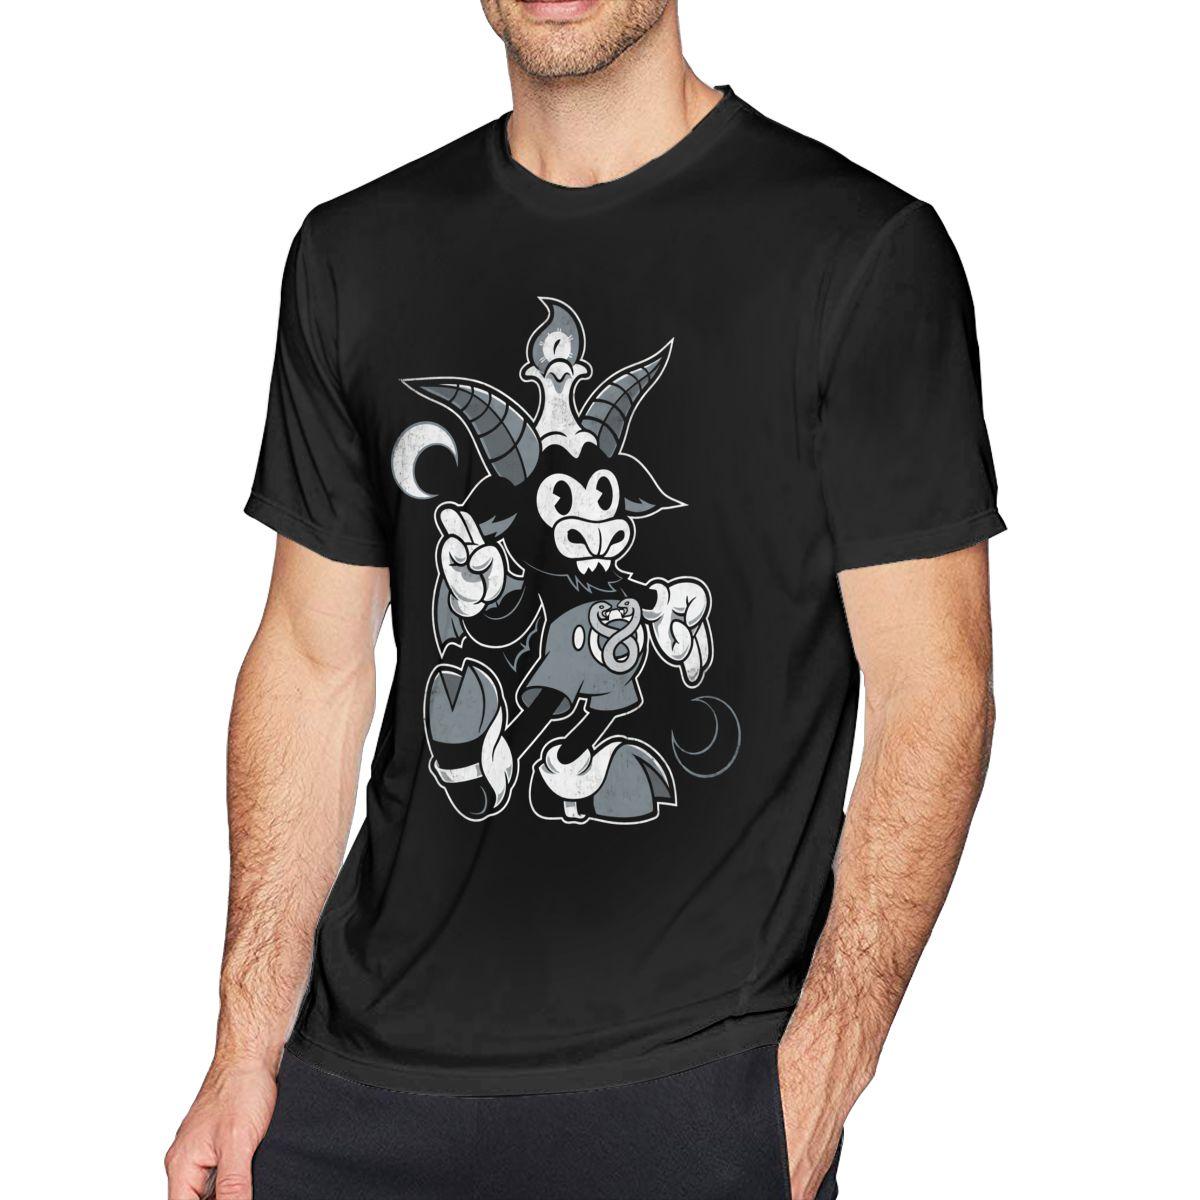 Футболка с козой Do Walt You Wilt Baphomet, оккультная футболка с короткими рукавами из 100% хлопка футболка оверсайз